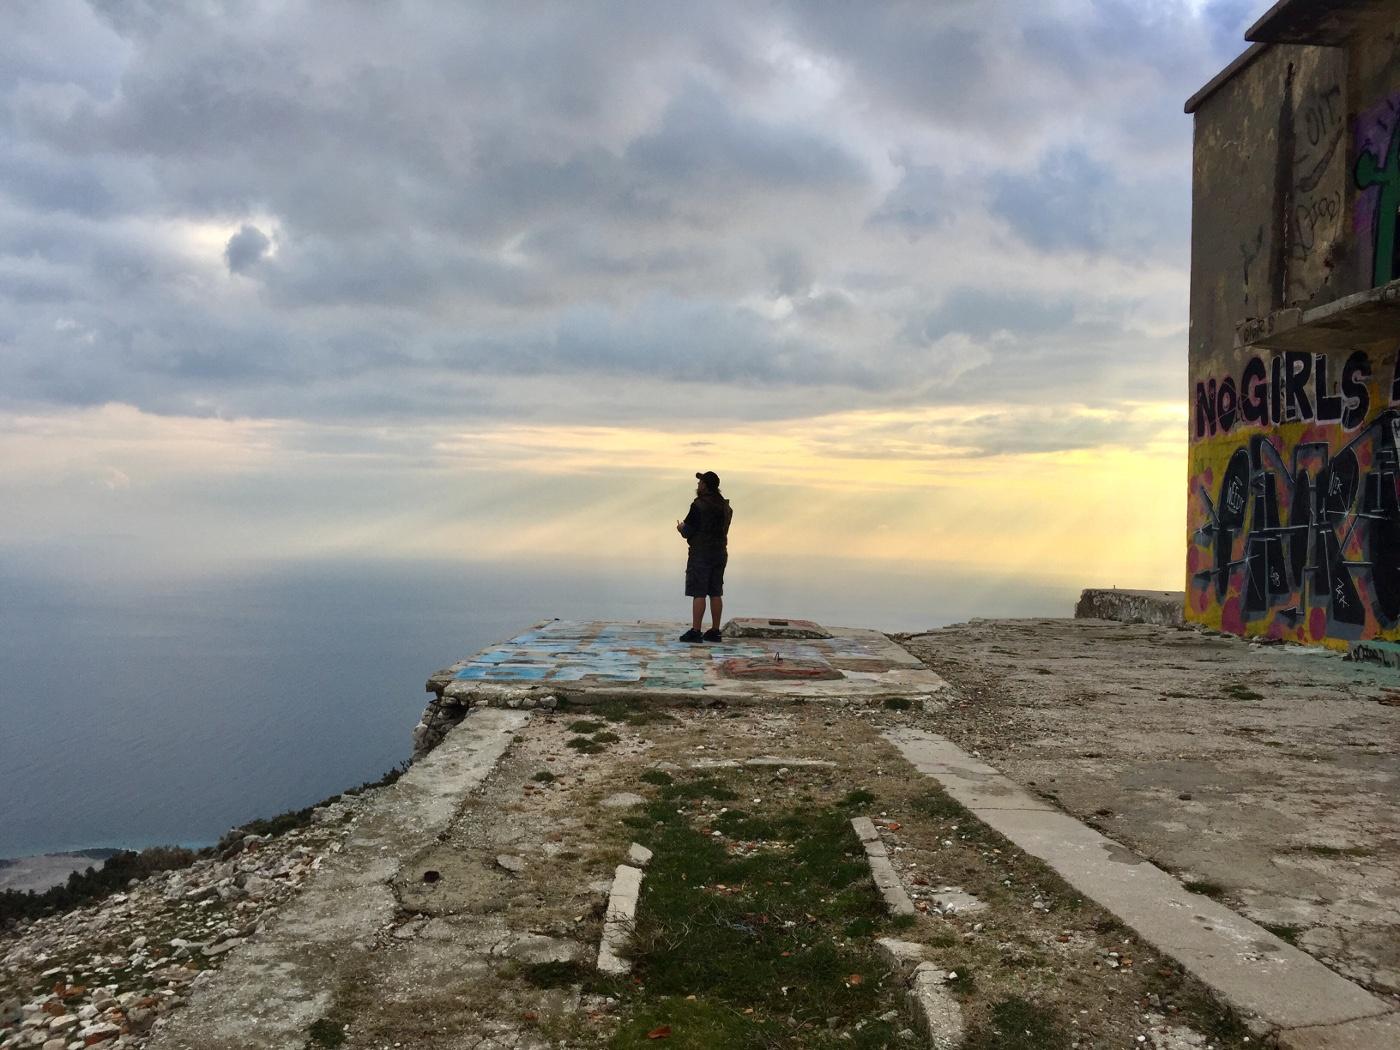 Patascha Llogara Pass Roadtrip Albanien Wohnmobil Camper Van Reisemobil reisen Urlaub Strassen Europa sicher Drohne Bunker Sehenswürdigkeit Übernachten Stellplatz Camping freistehen frei stehen